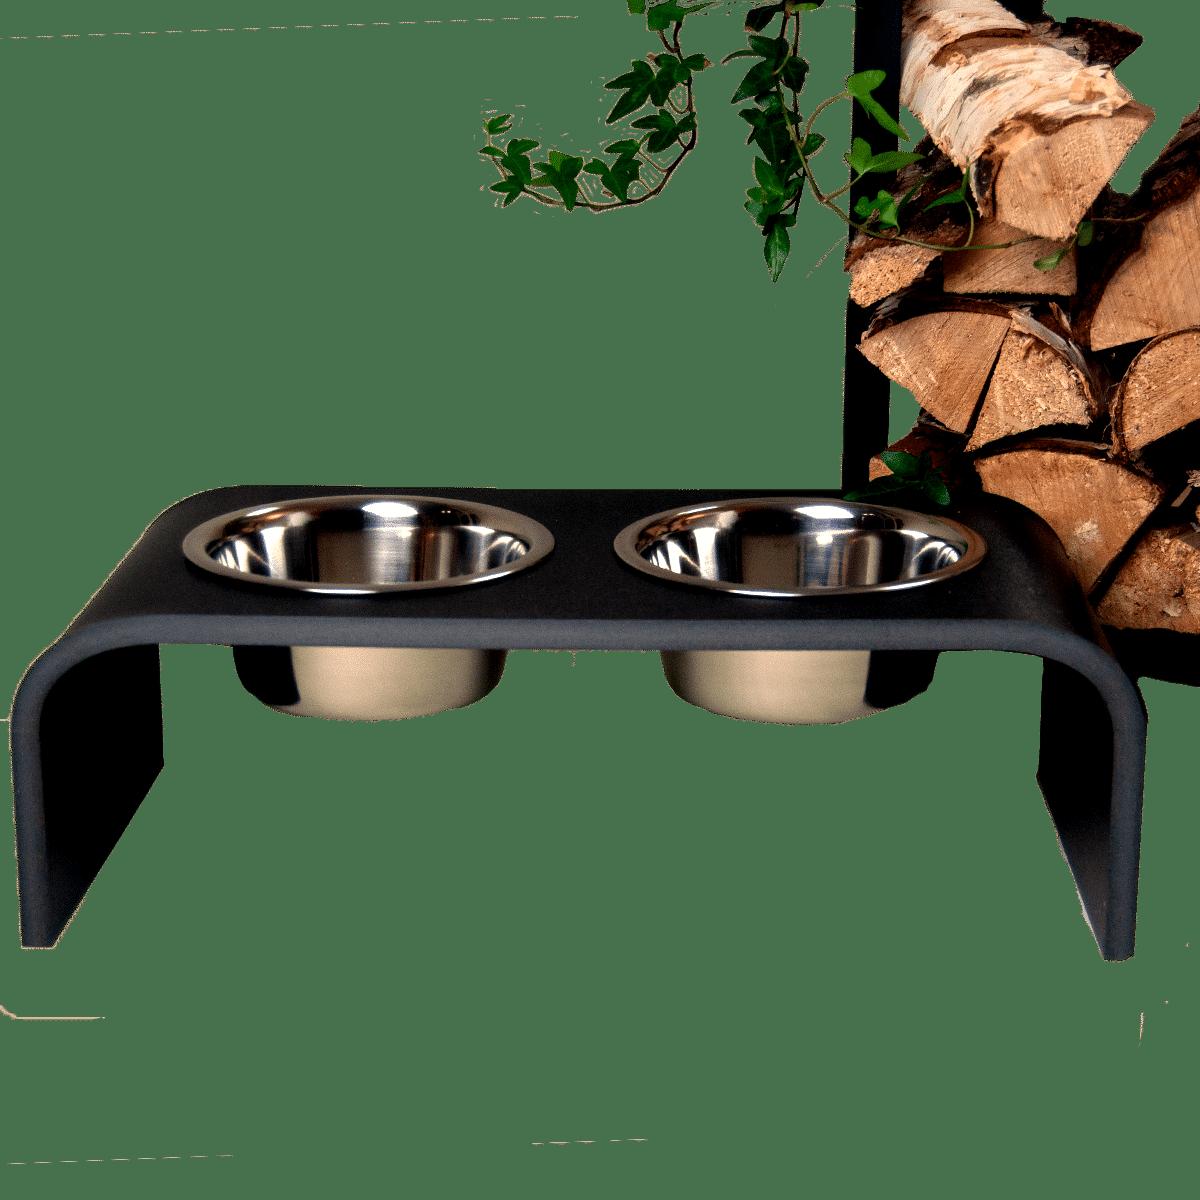 Snygg matbar i svart från Trendy Pet